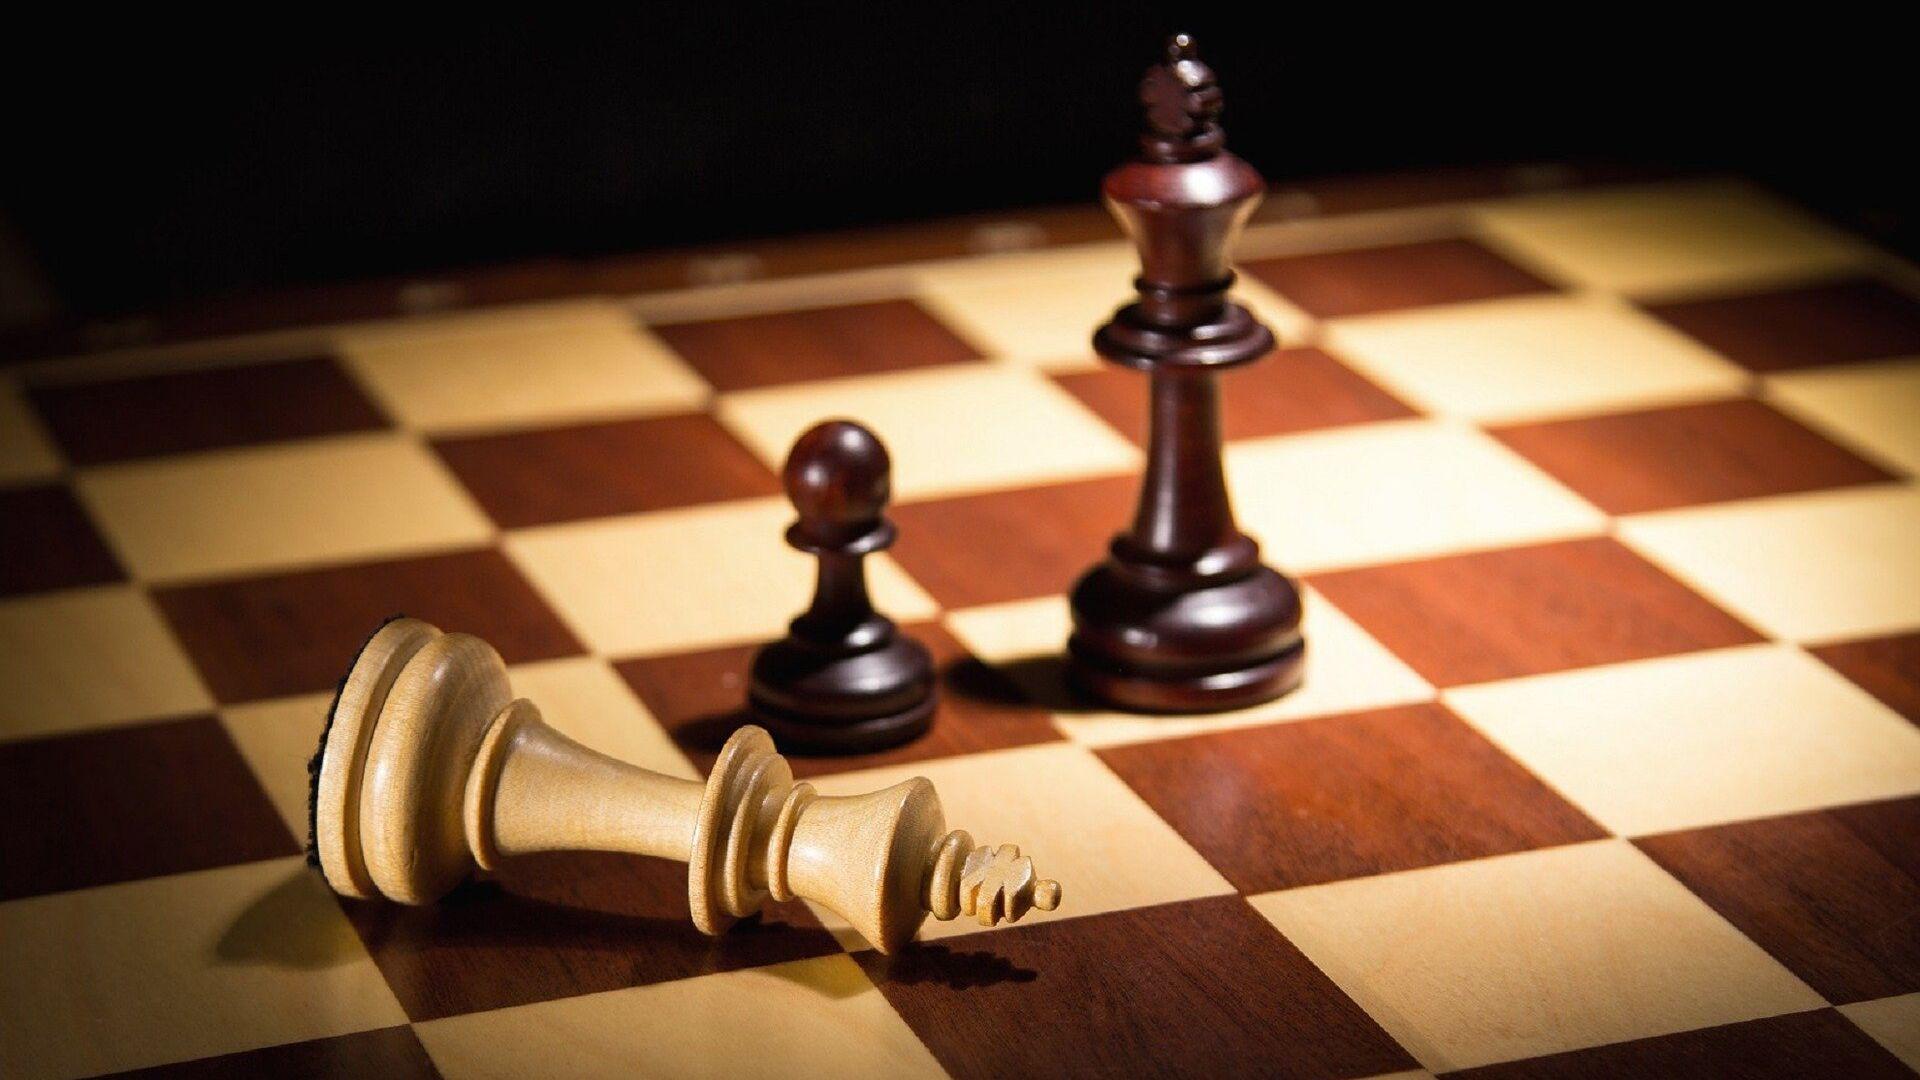 Un tablero de ajedrez - Sputnik Mundo, 1920, 12.10.2021